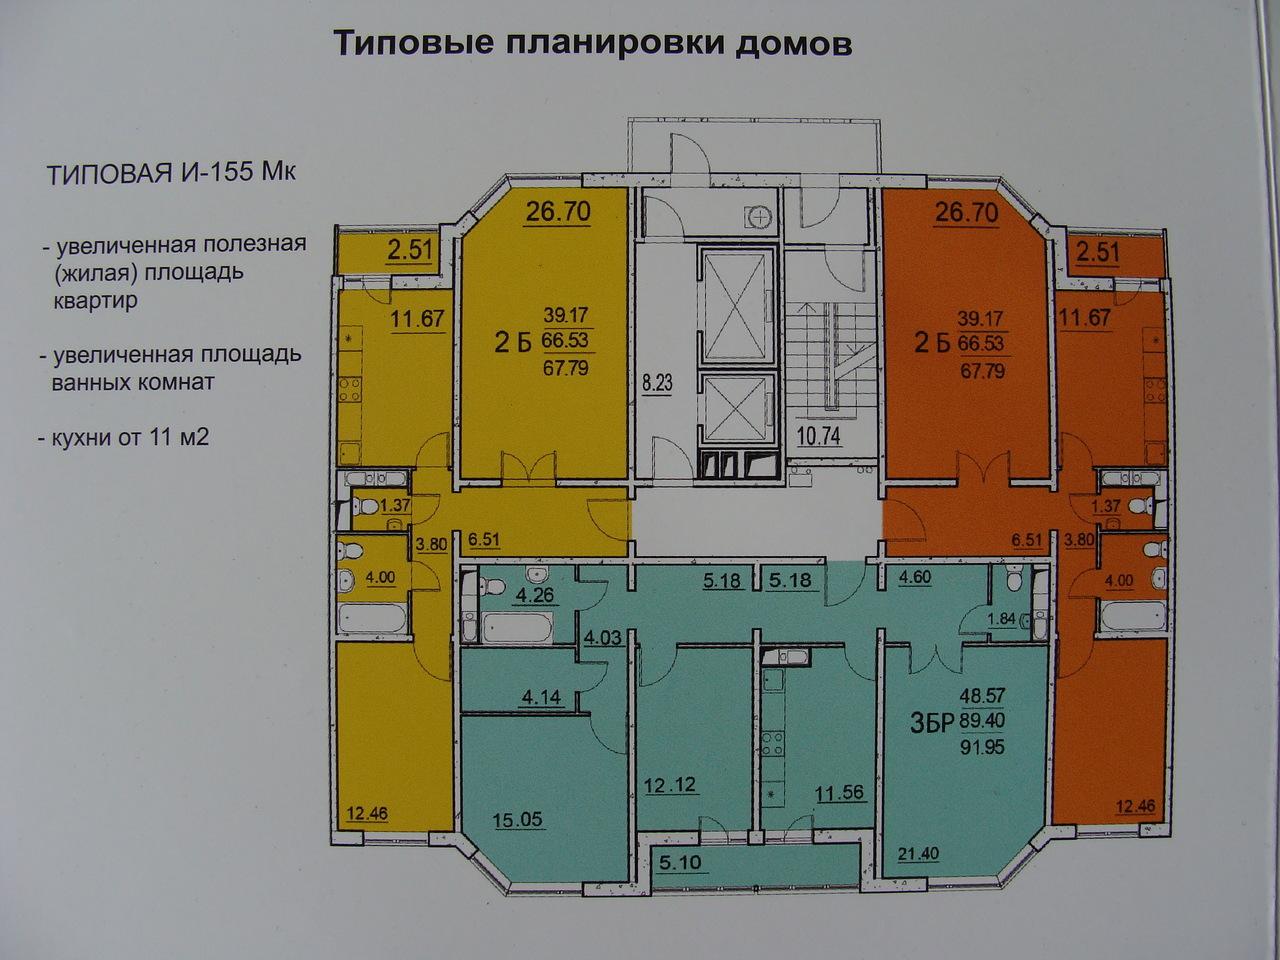 Москва, молжаниново, ул. синявинская - страница 120 - форум .